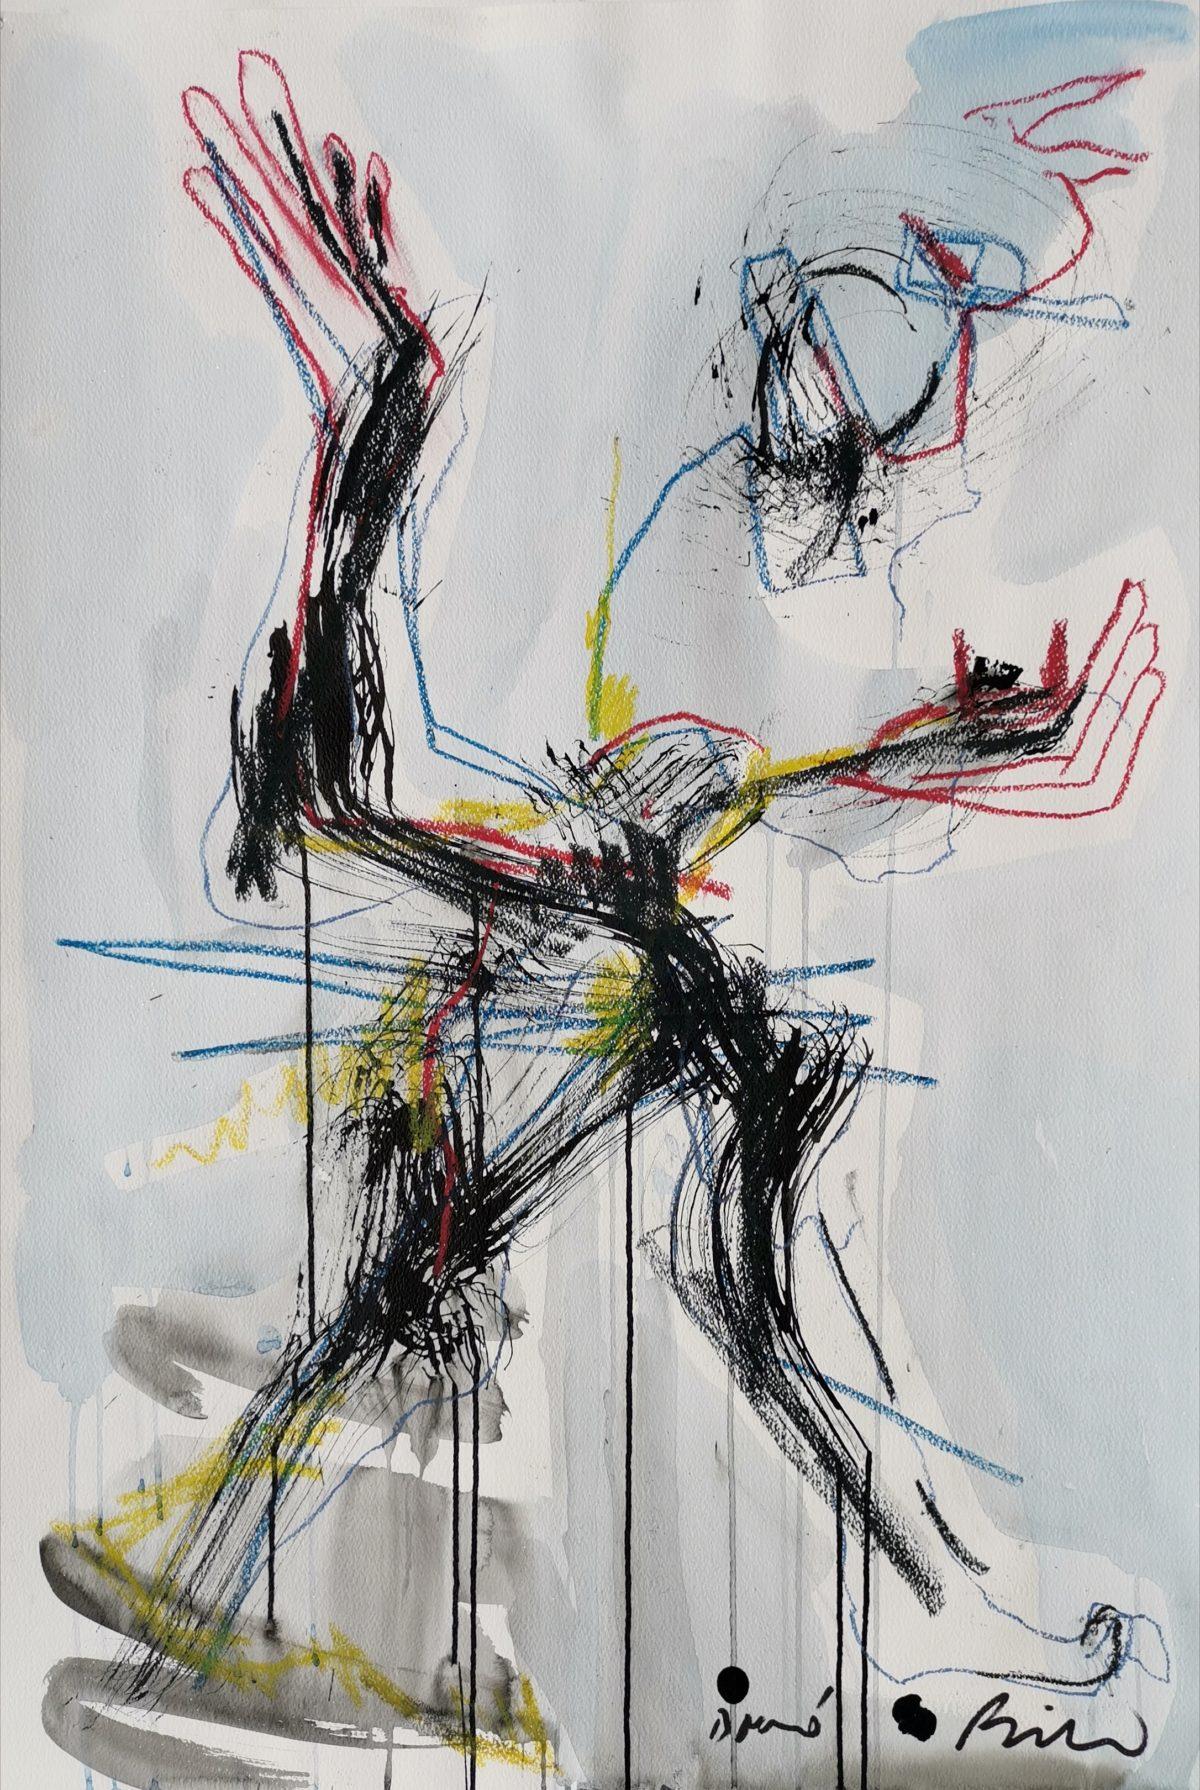 Toni Bico & Donne Rundle Collaboration